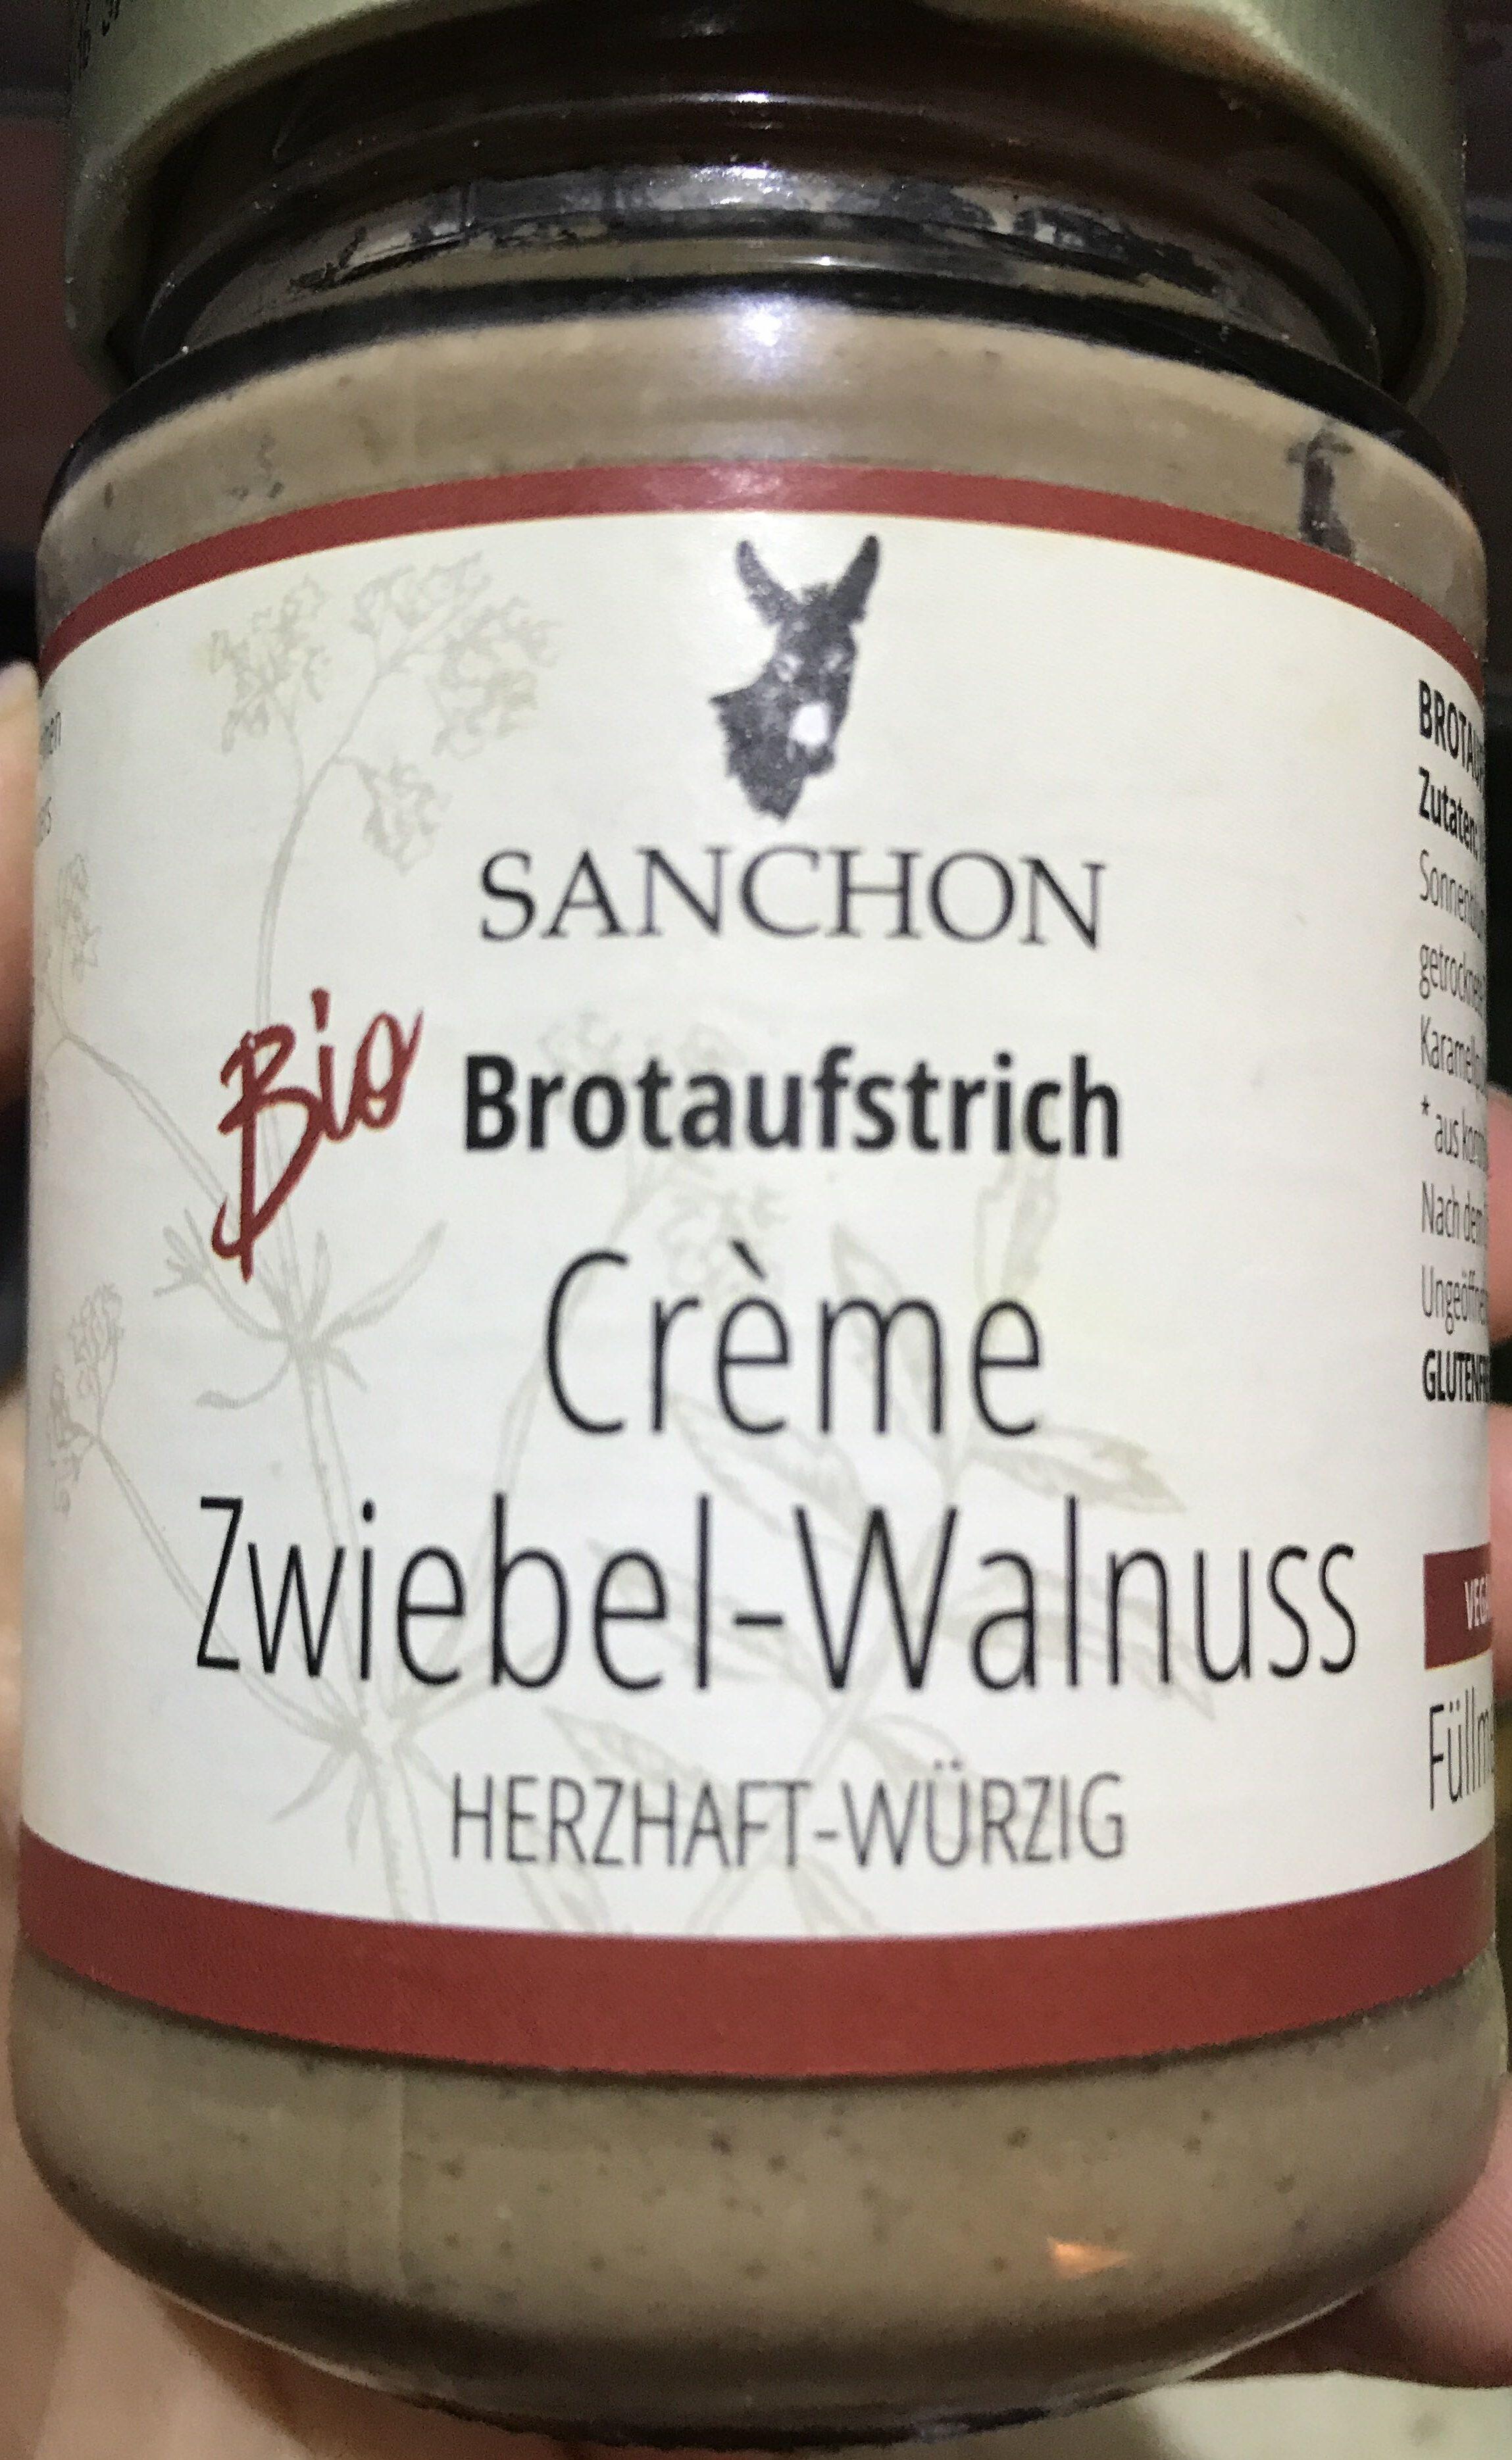 Crème Zwiebel-Walnuss - Produto